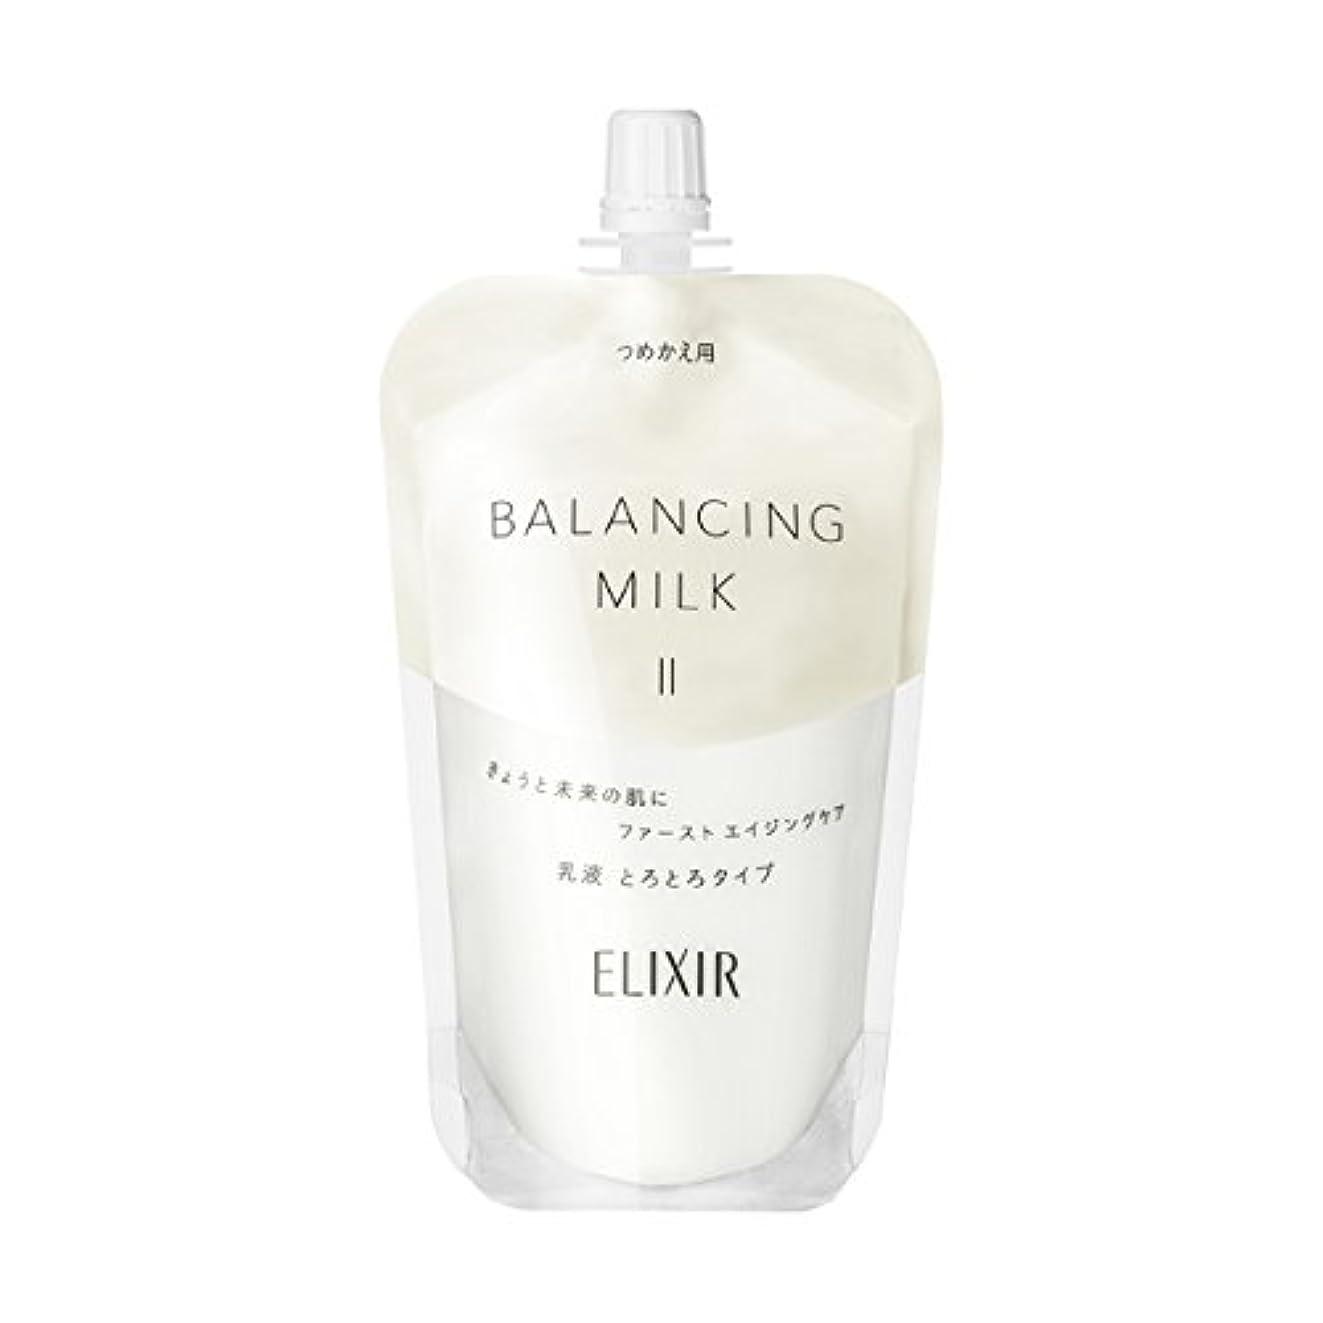 インタラクション政府インフレーションエリクシール ルフレ バランシング ミルク 乳液 2 (とろとろタイプ) (つめかえ用) 110mL